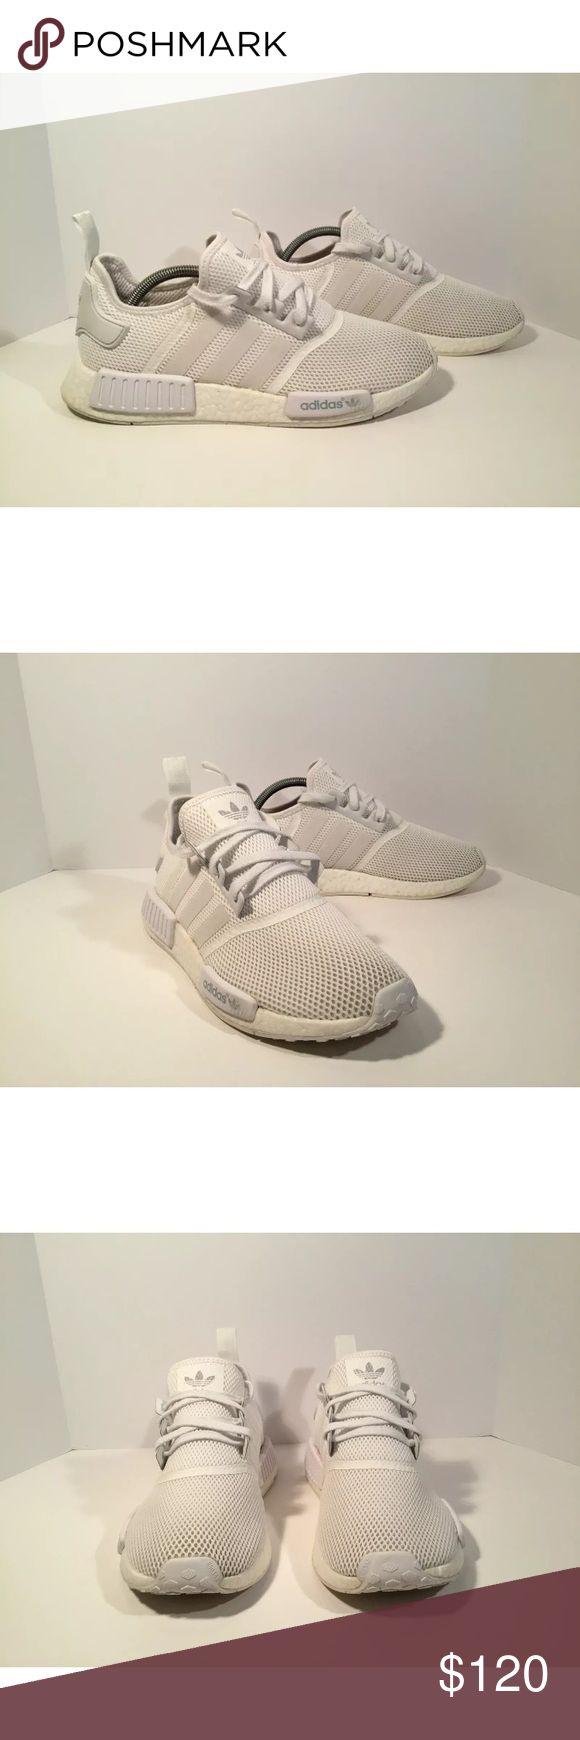 Adidas NMD R1 Triple White Größe 44 2/3 Neuwertig in Sachsen